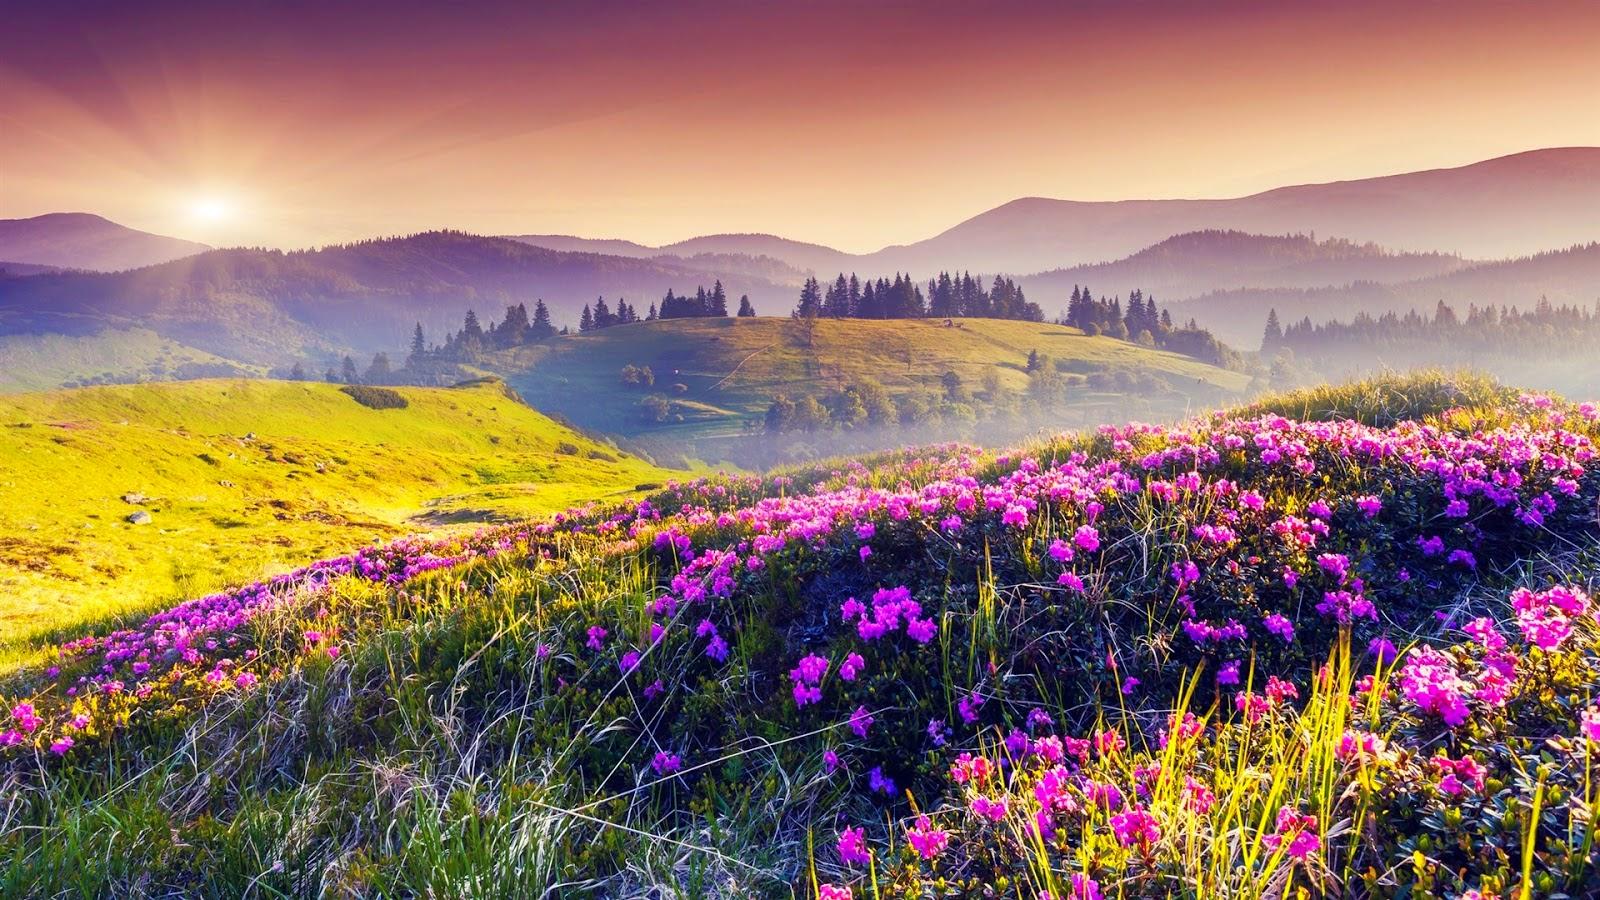 Ảnh nhìn nền ệp cánh đồng hoa màu tím